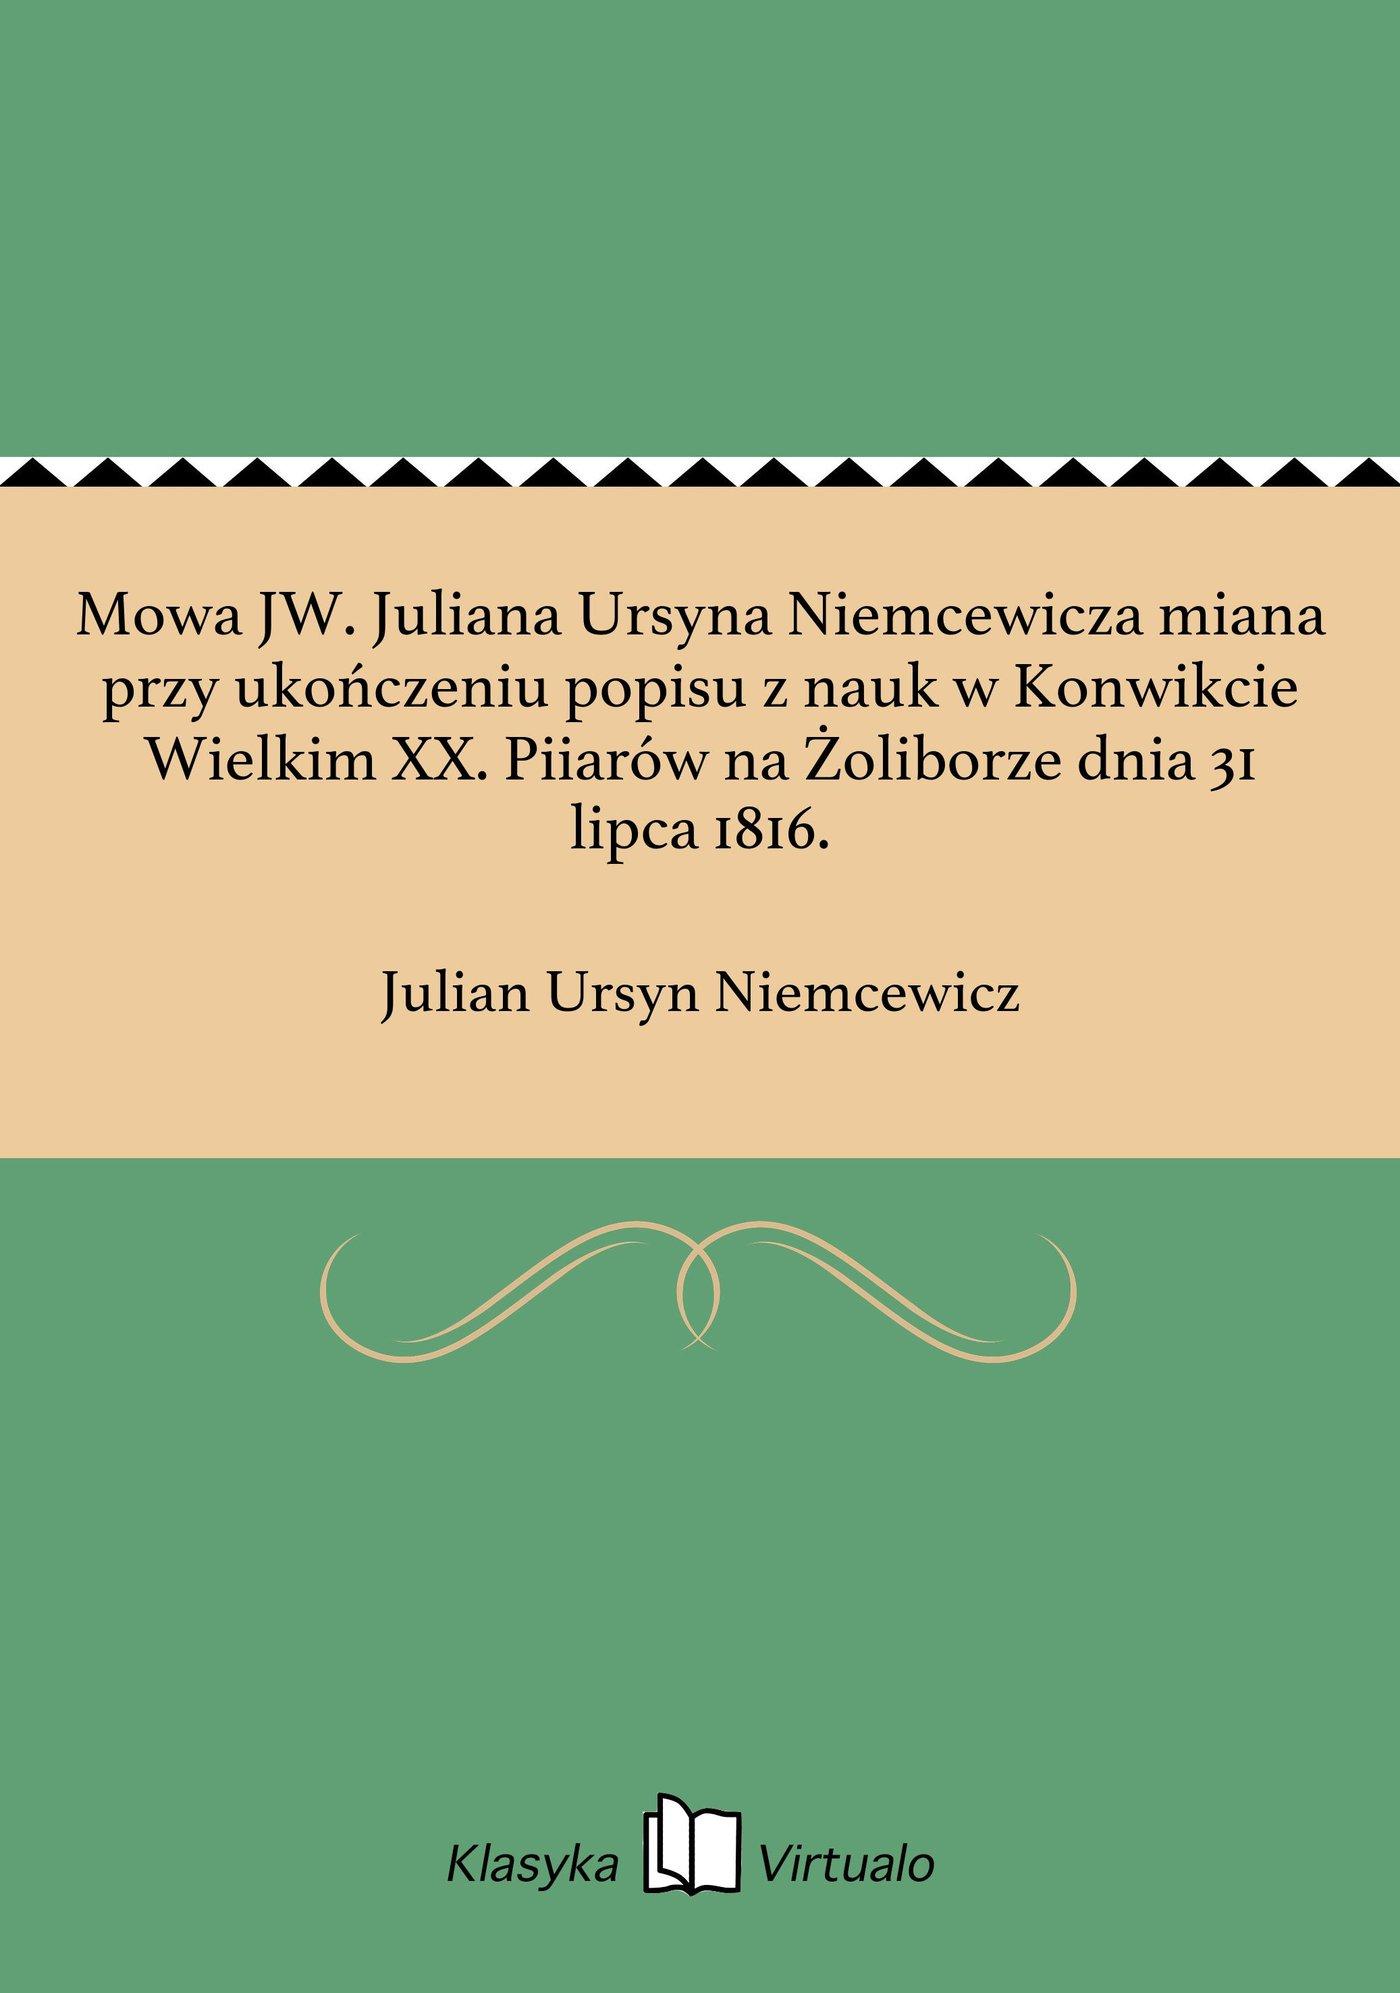 Mowa JW. Juliana Ursyna Niemcewicza miana przy ukończeniu popisu z nauk w Konwikcie Wielkim XX. Piiarów na Żoliborze dnia 31 lipca 1816. - Ebook (Książka EPUB) do pobrania w formacie EPUB